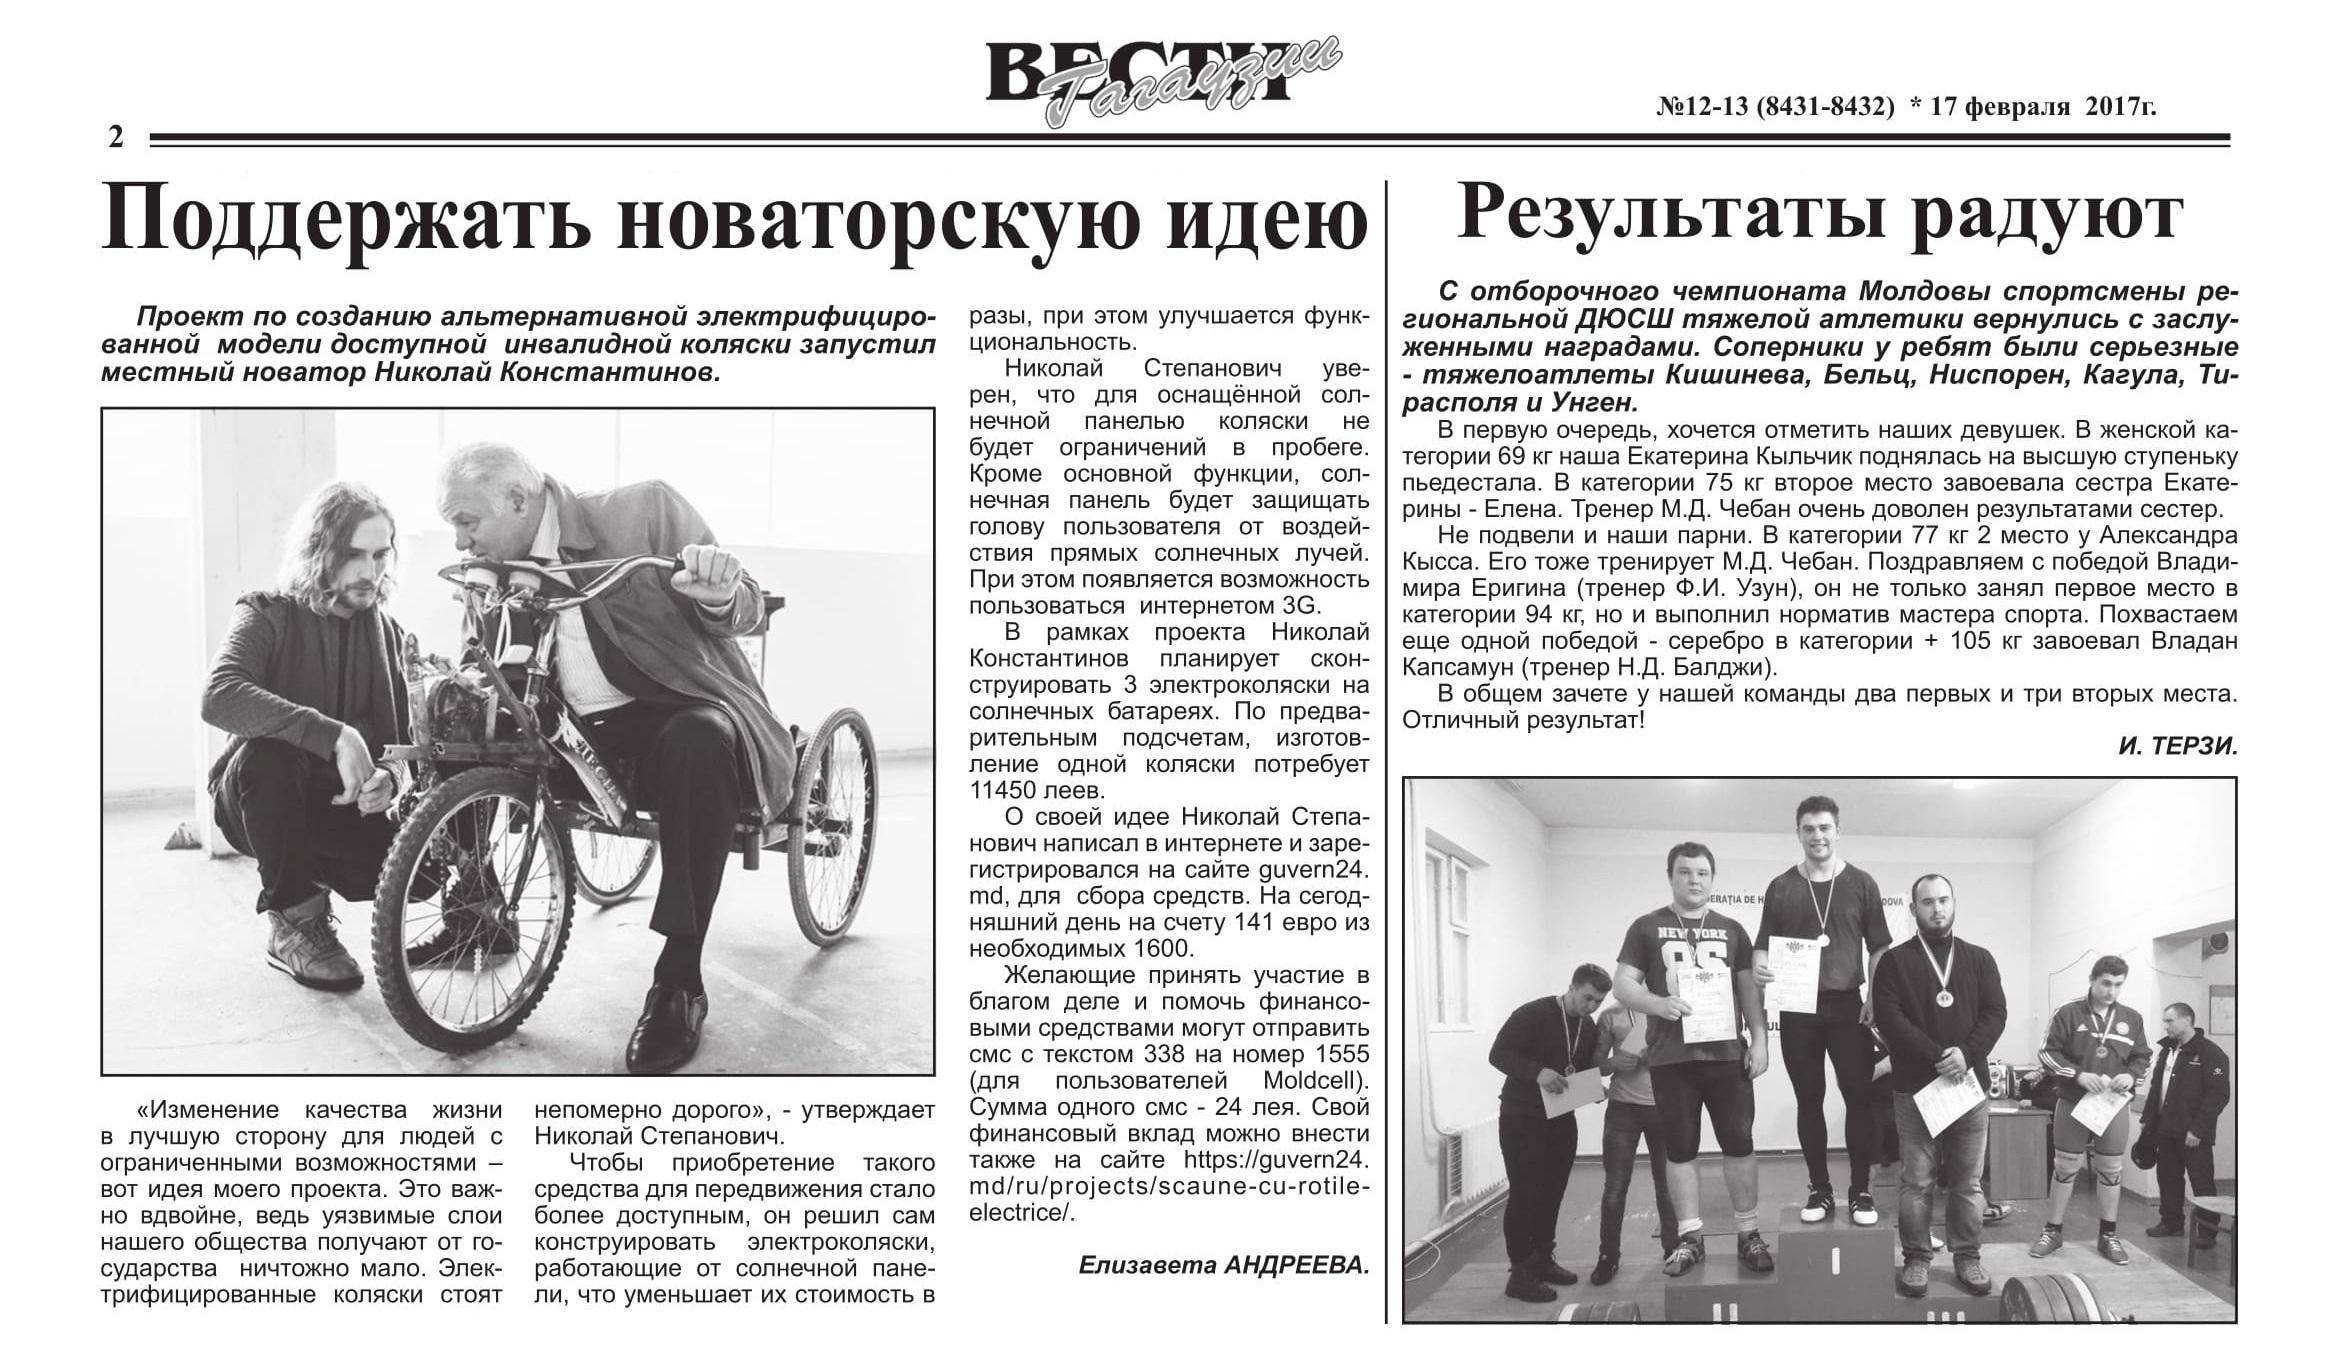 Статья в Вести Гагаузии